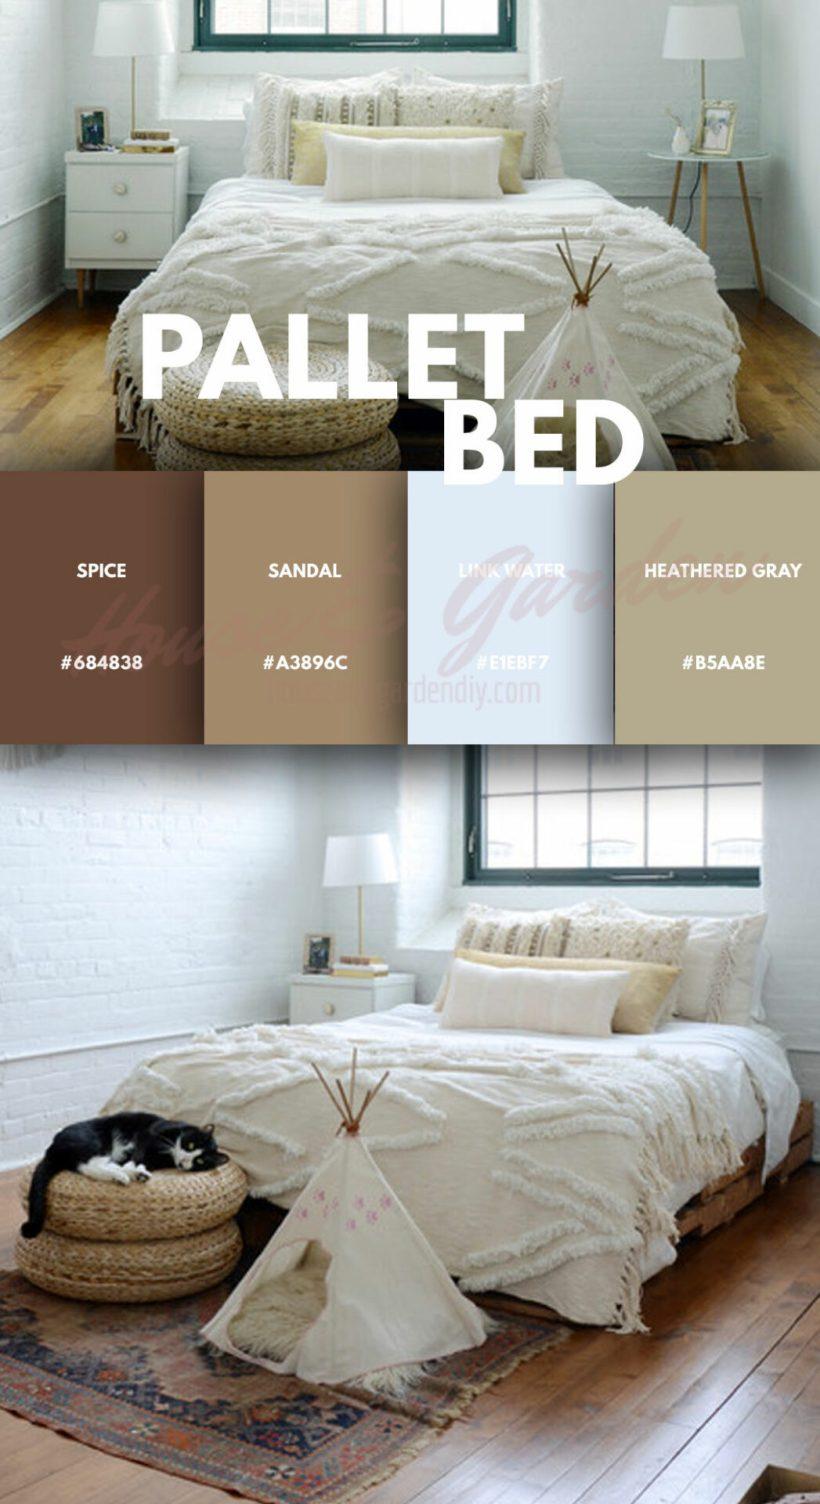 Dormitorio de palet